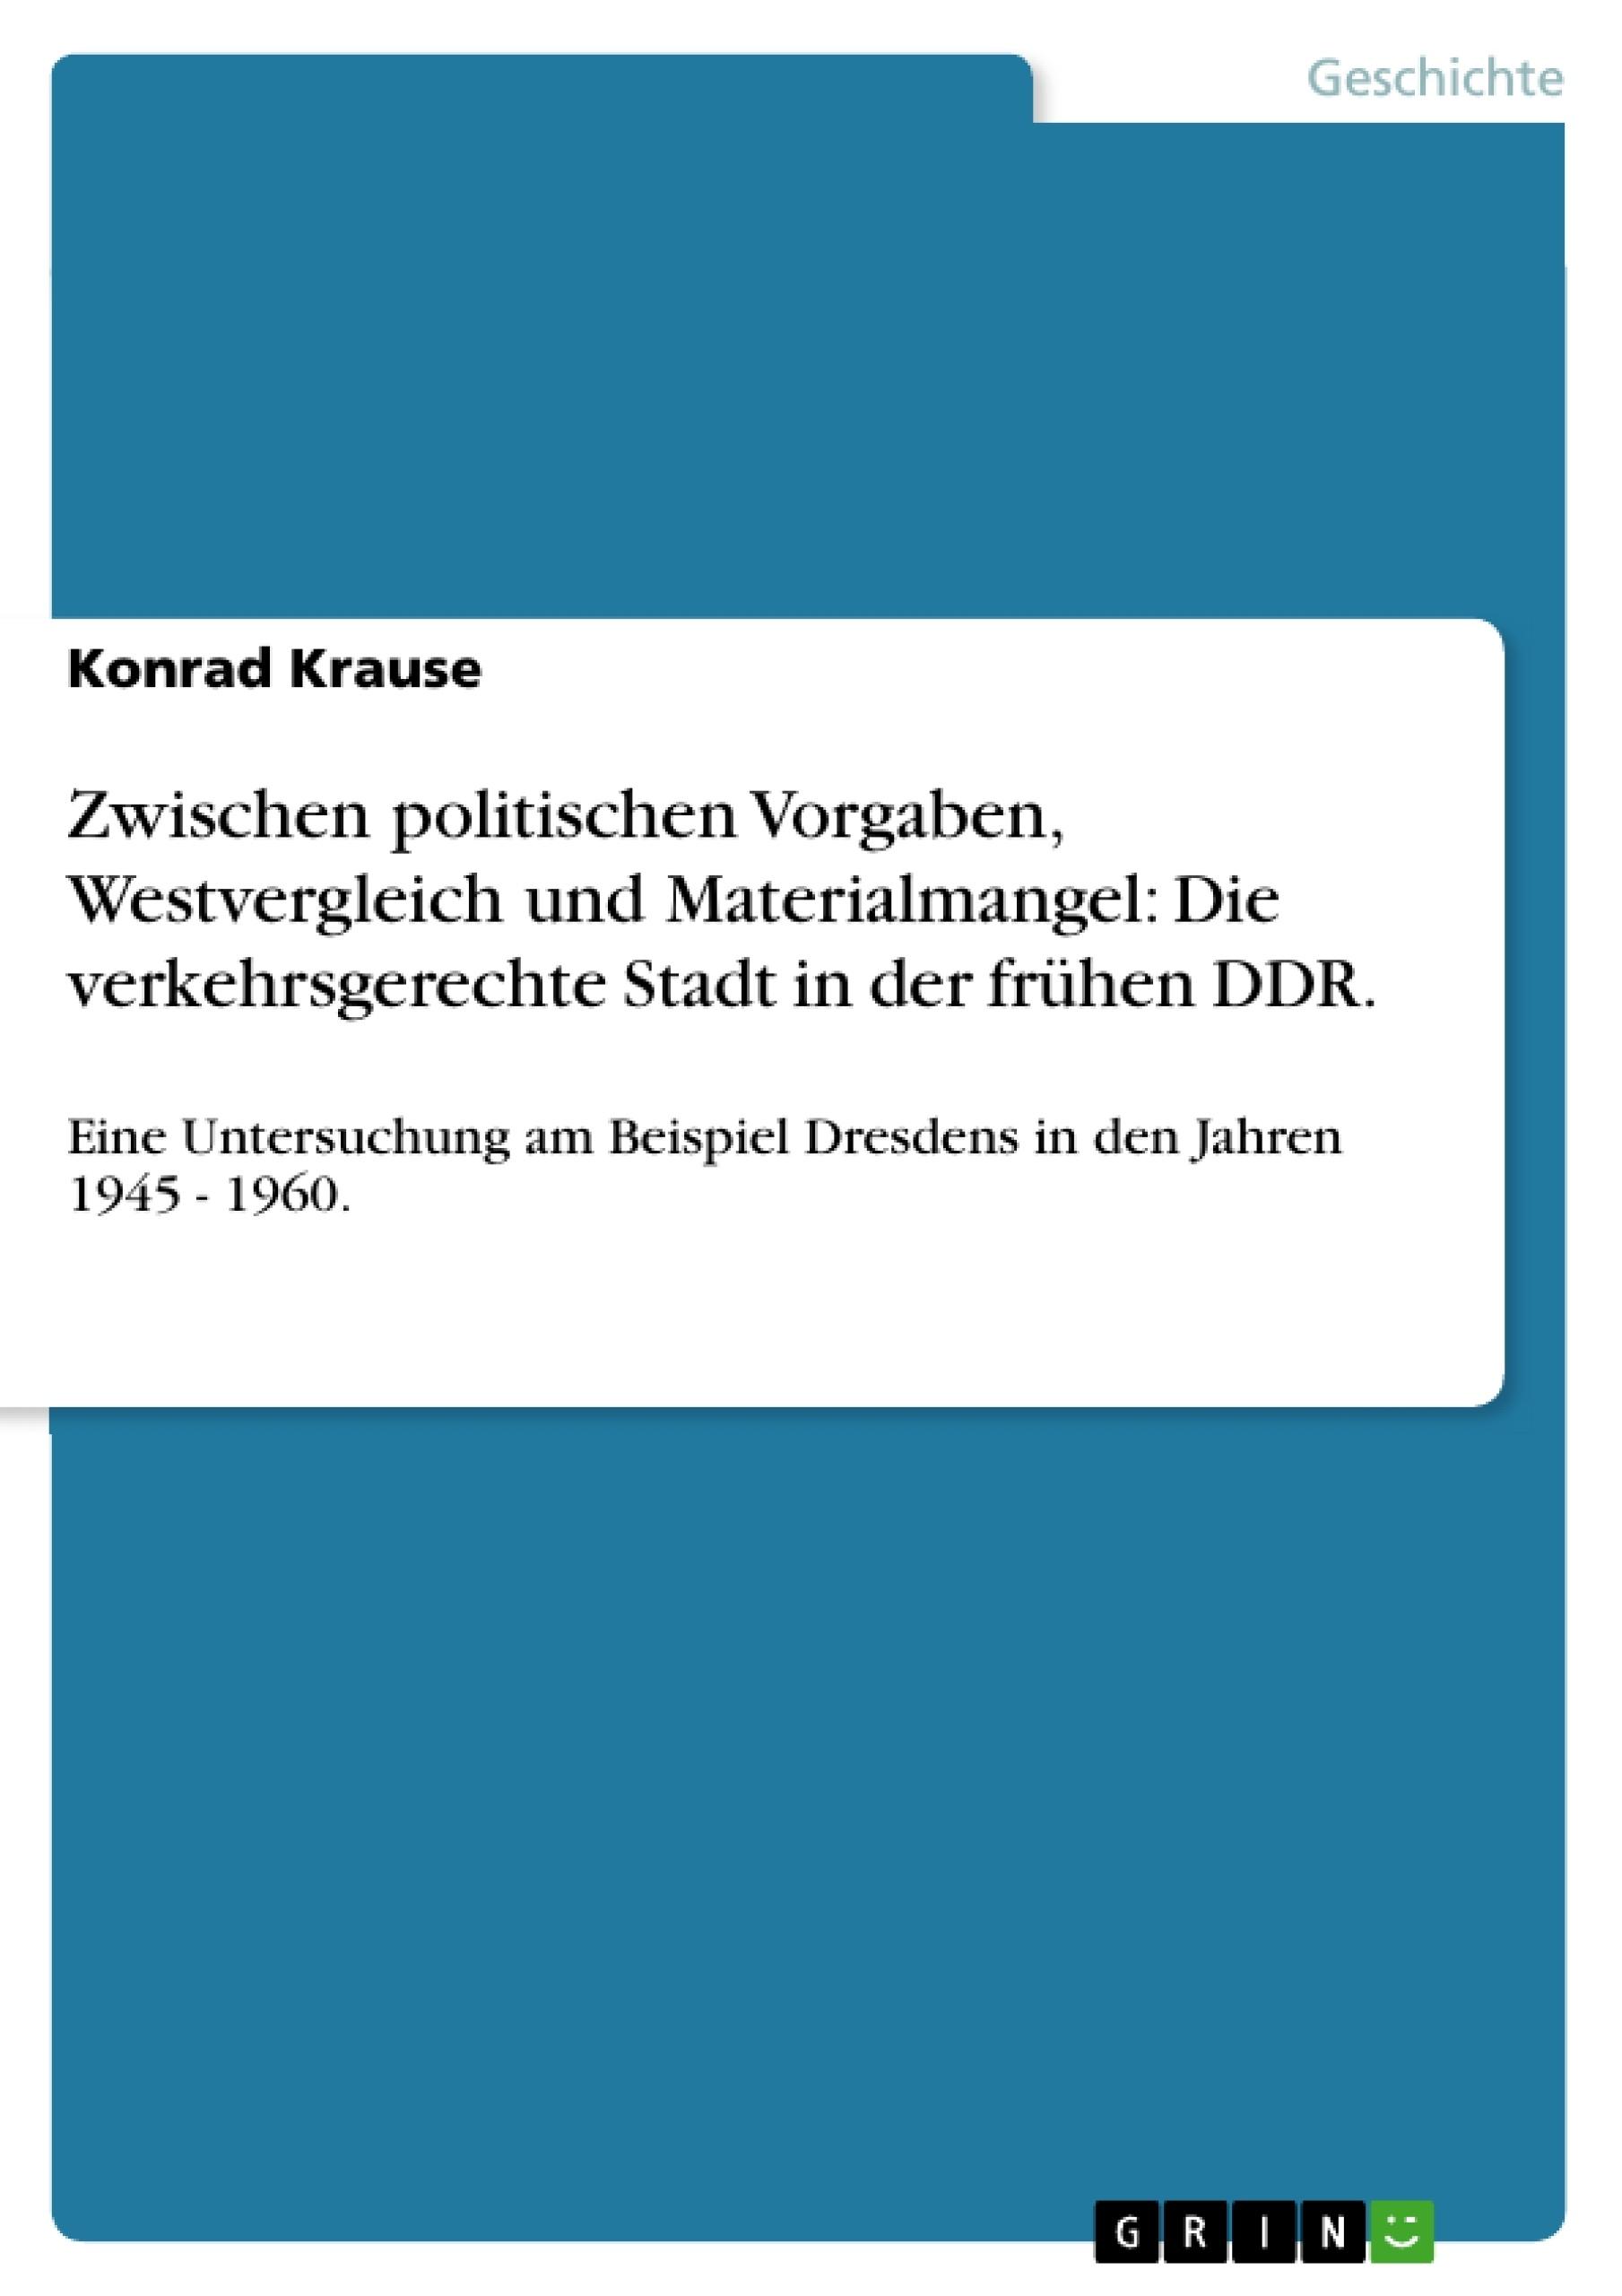 Titel: Zwischen politischen Vorgaben, Westvergleich und Materialmangel: Die verkehrsgerechte Stadt in der frühen DDR.